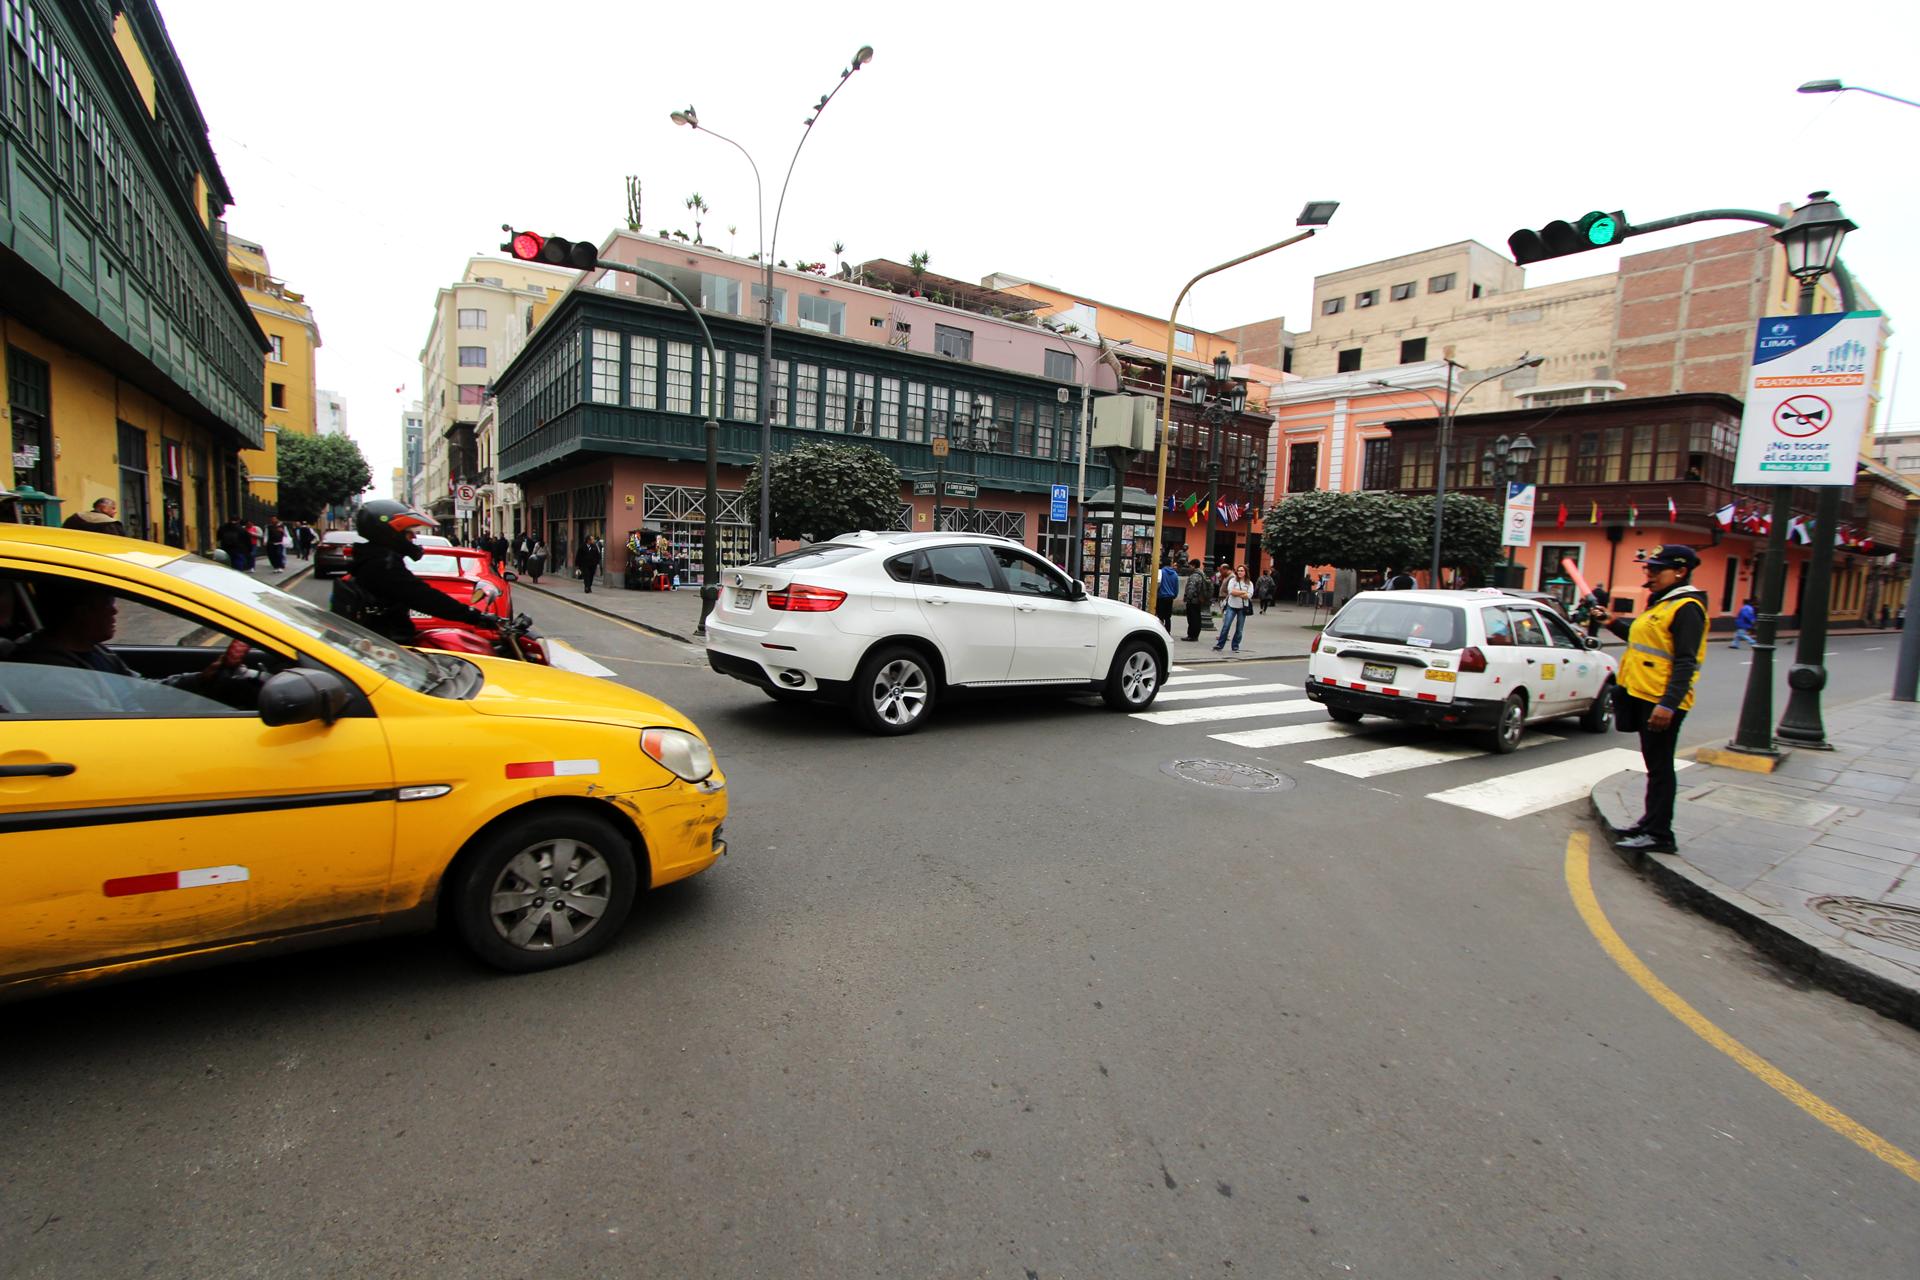 Municipalidad de Lima: otorgarán autorizaciones para servicio de taxi desde el lunes 15